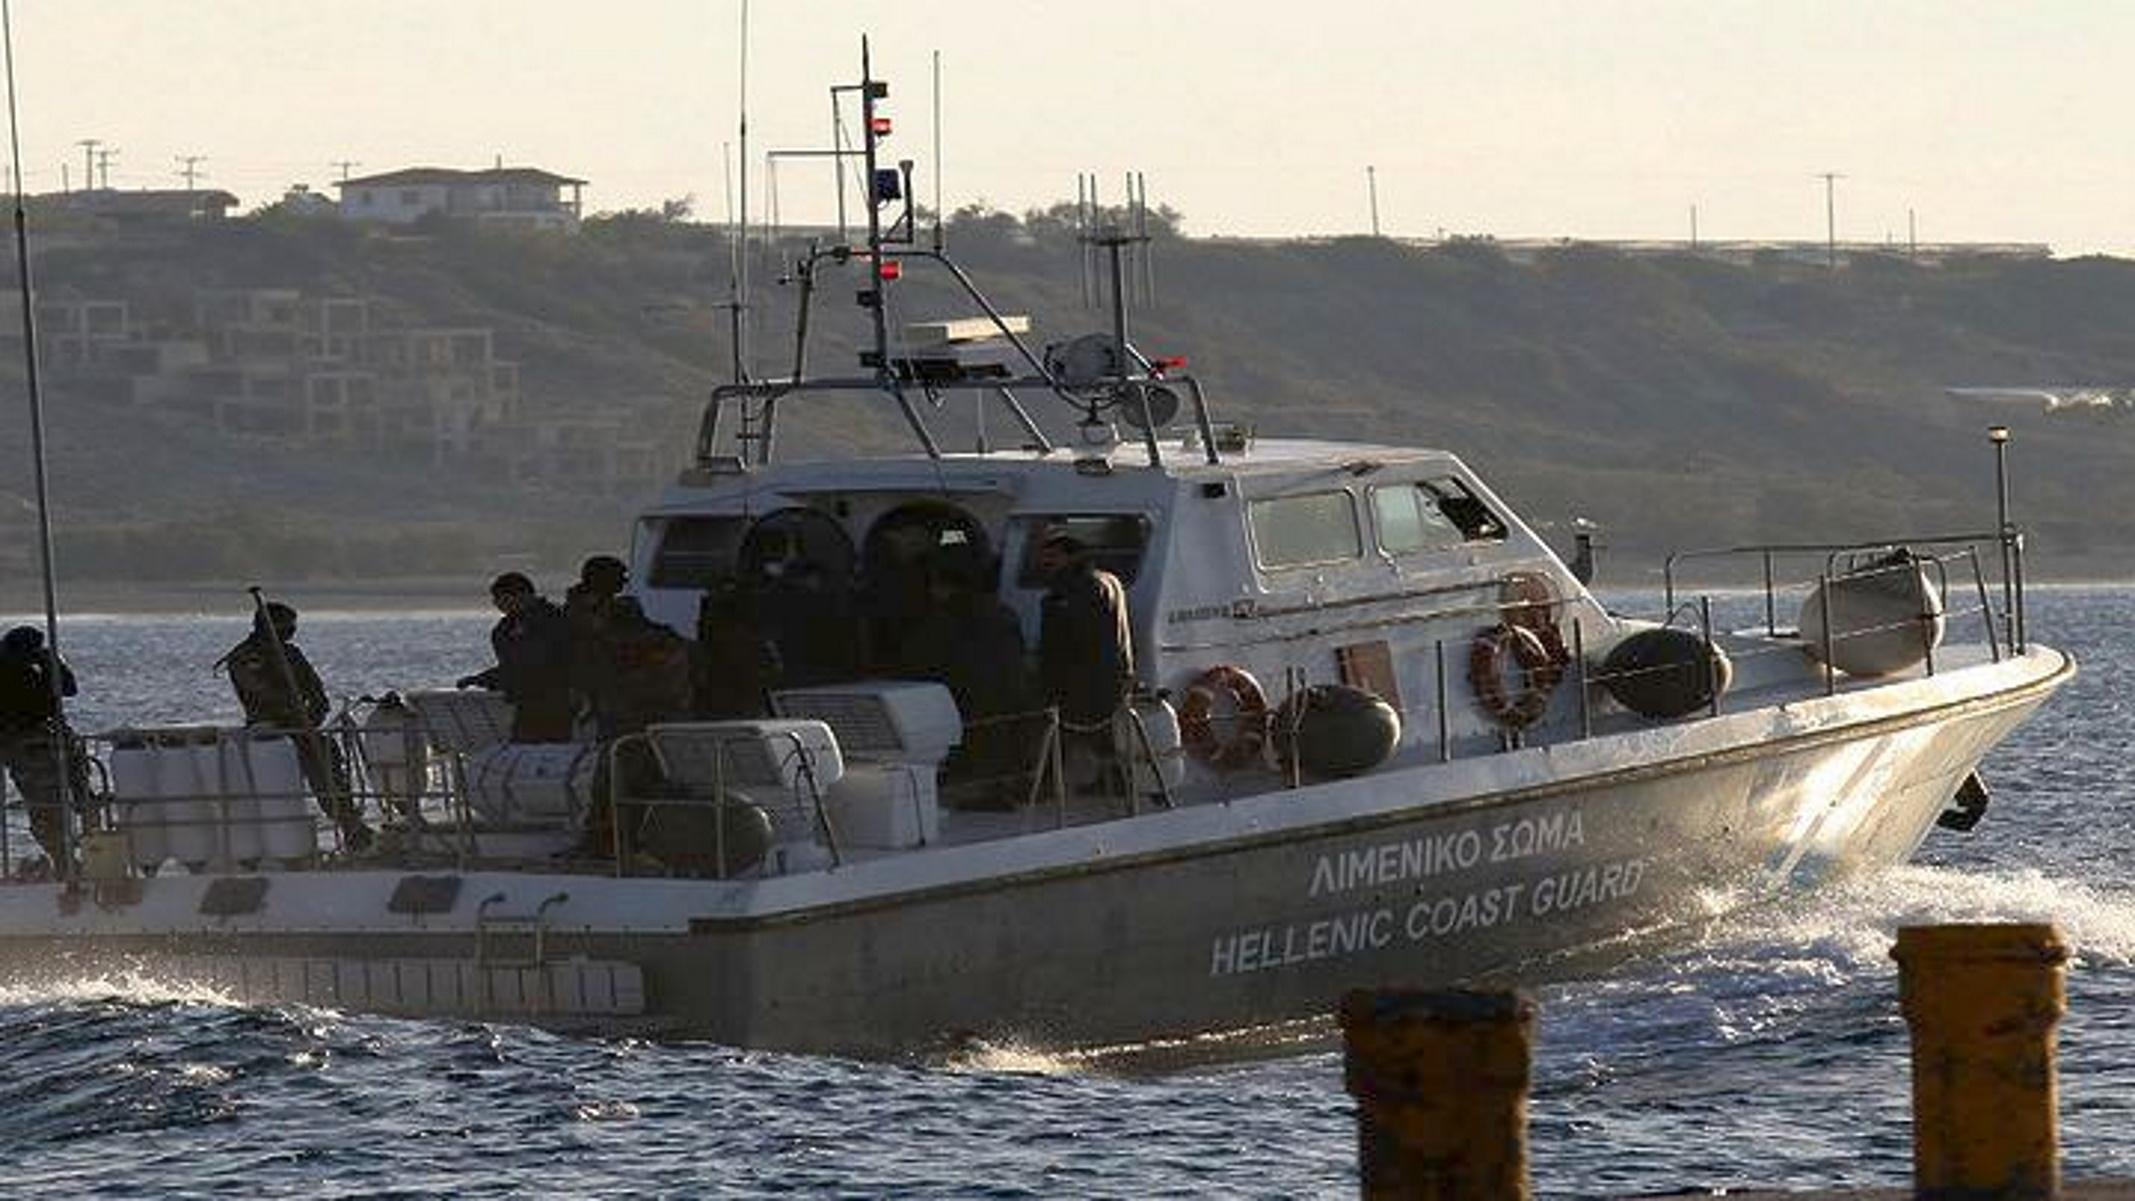 Στυλίδα: Ολλανδικό φορτηγό πλοίο προσάραξε έξω από το λιμάνι